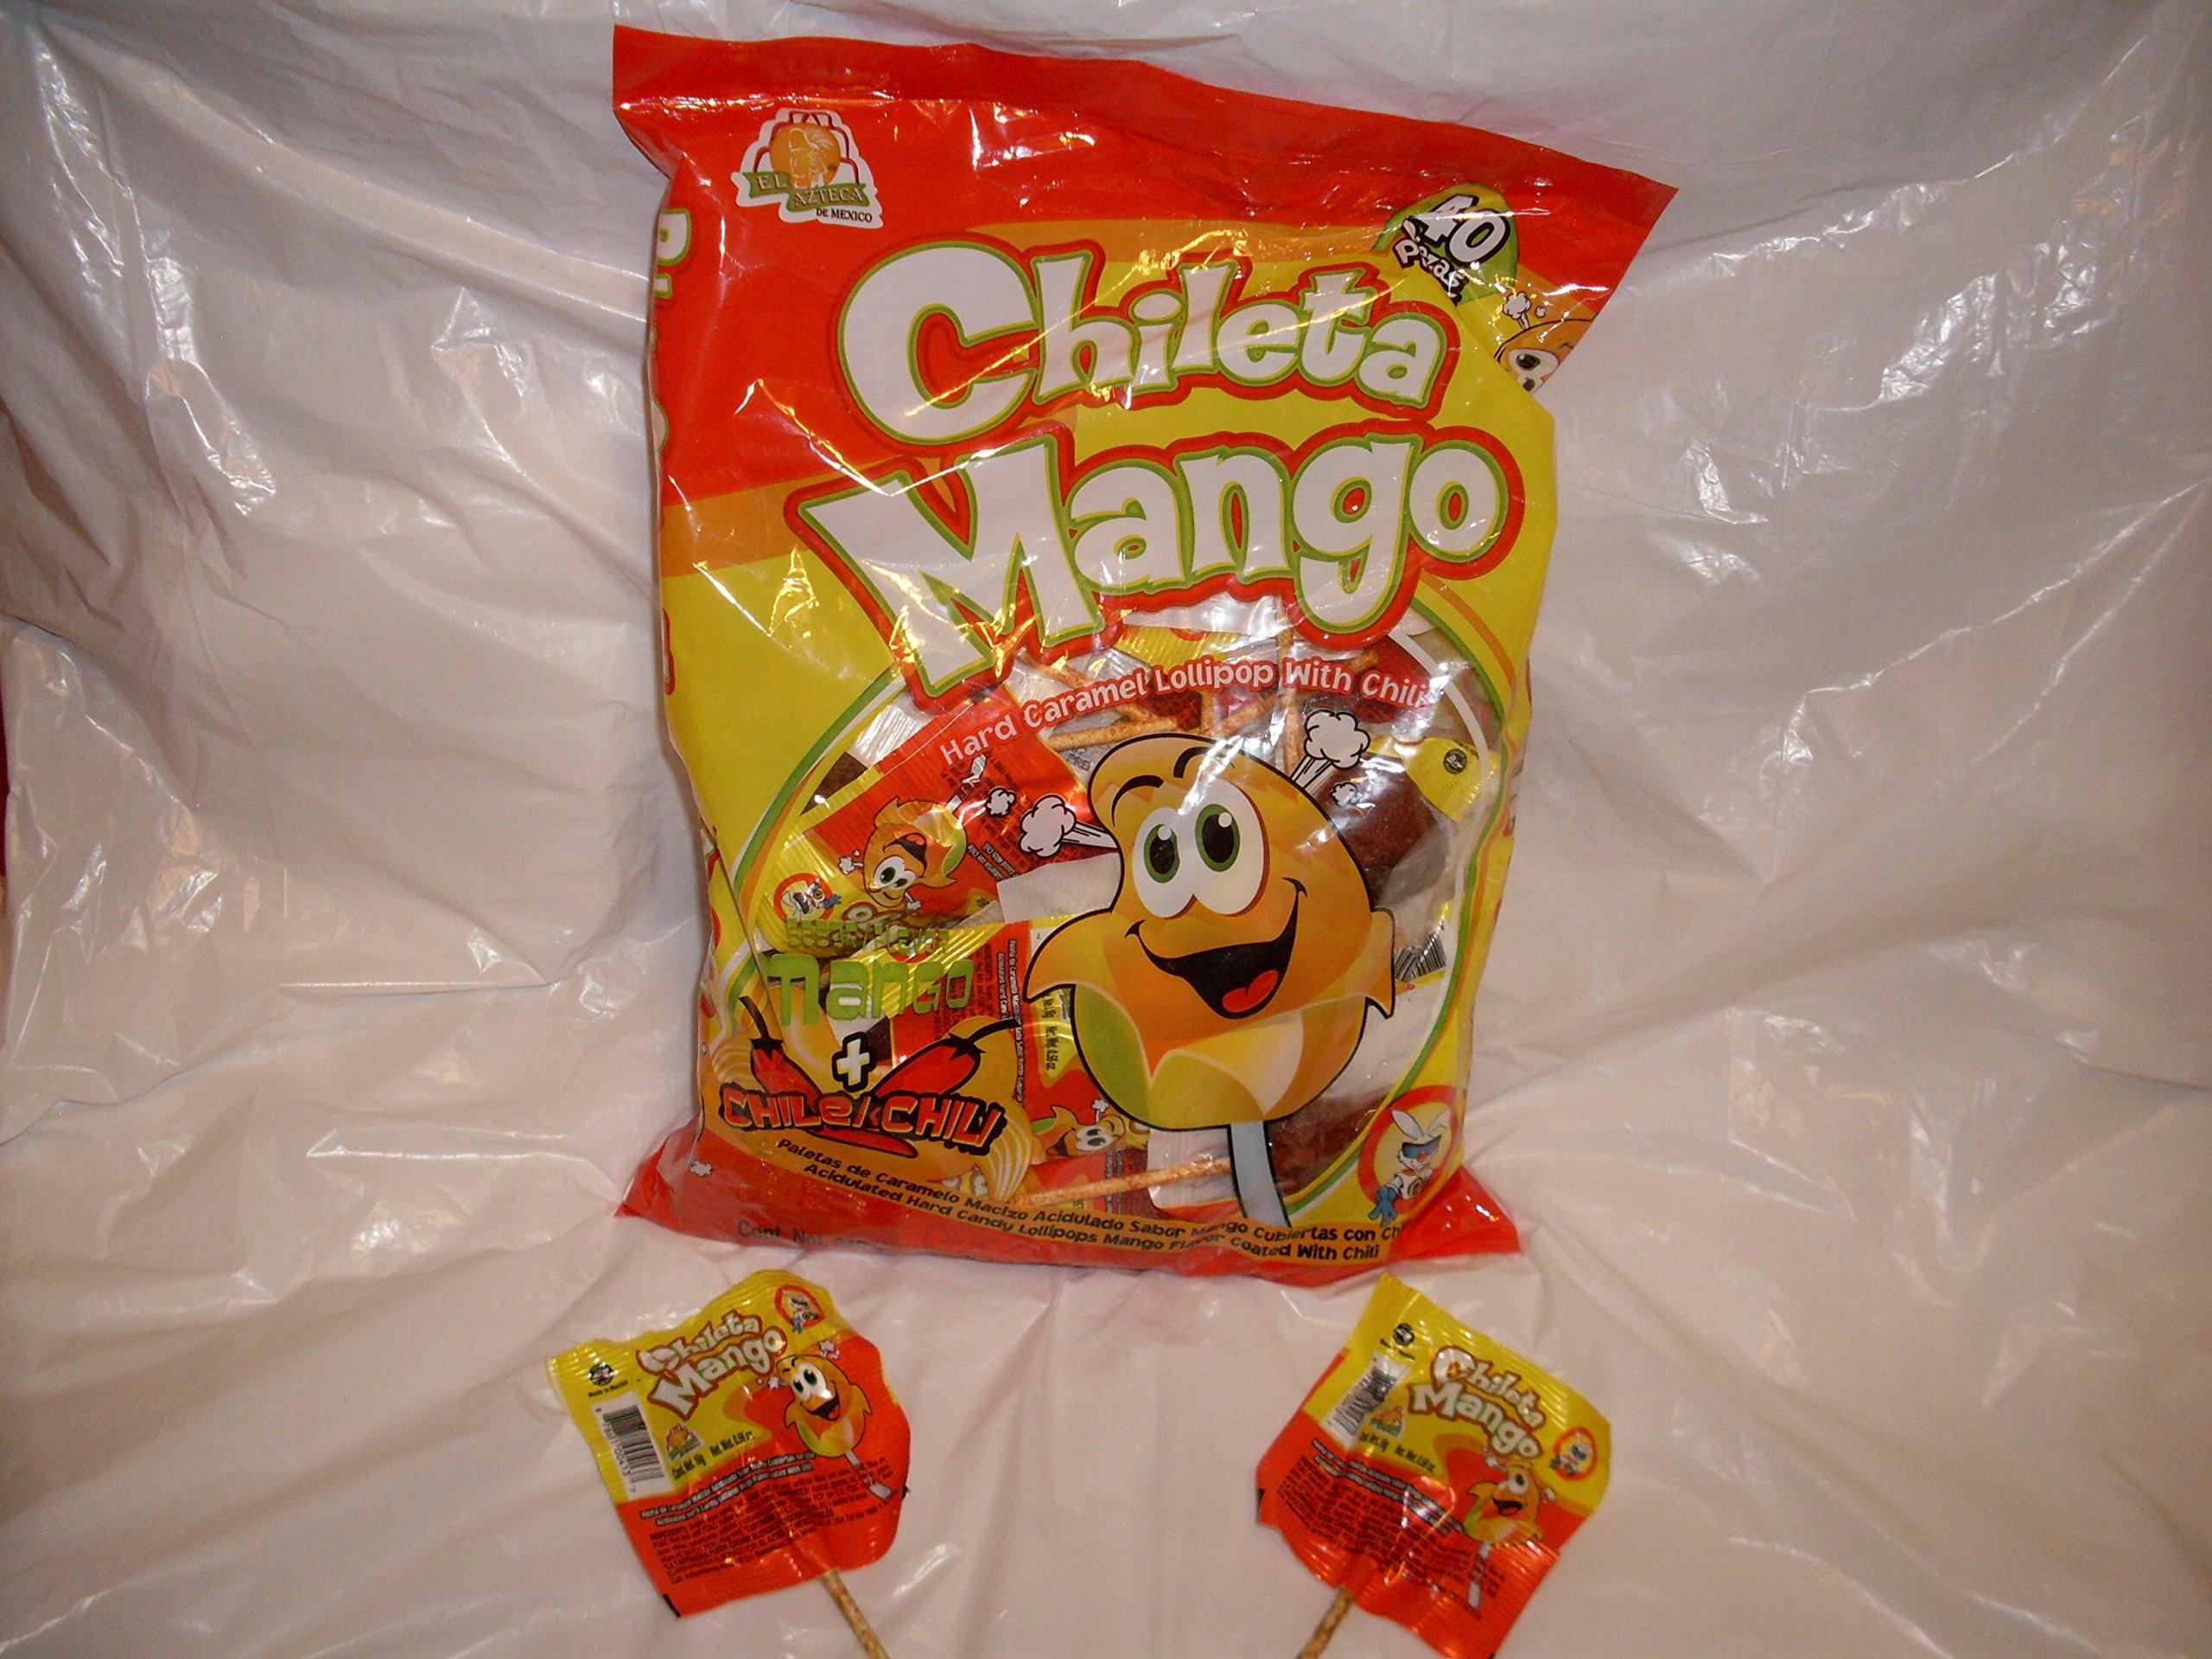 El Azteca Chileta Mango - Bag 40ct by El Azteca Chileta Mango